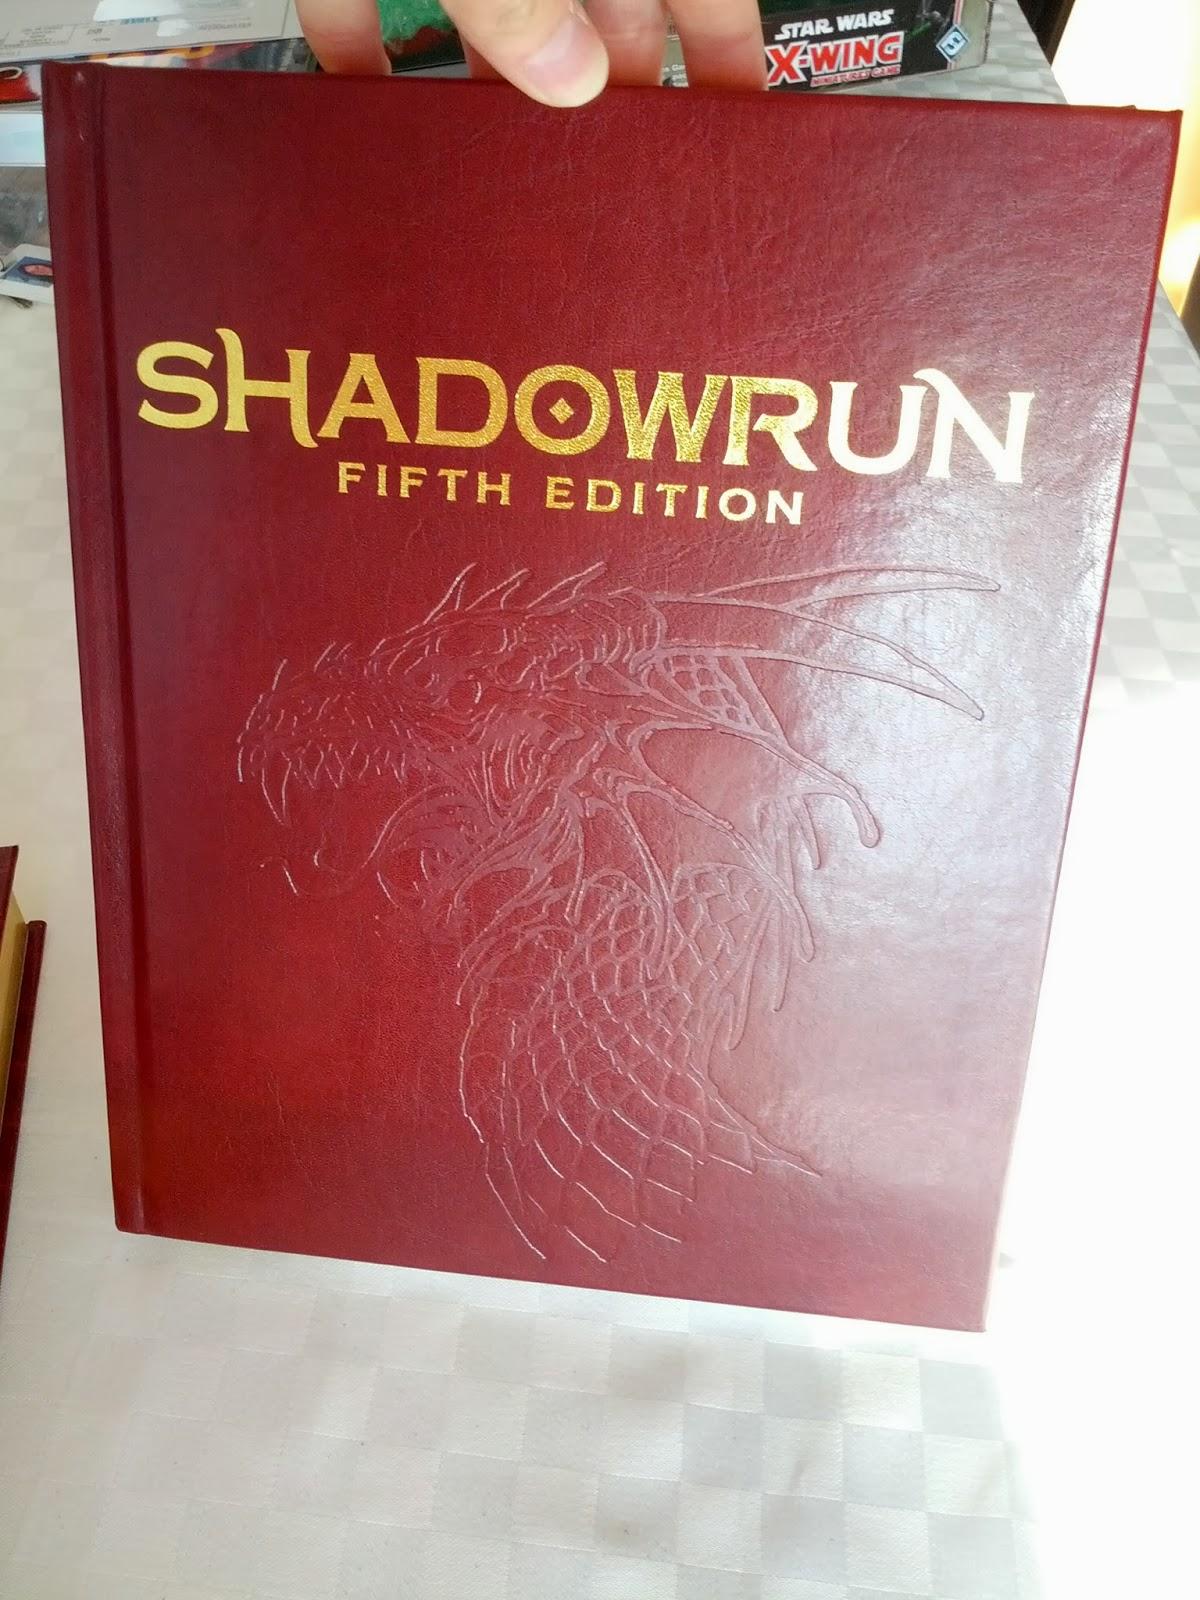 Shadowrun Parazoology 2 Pdf Downloadl ~UPD~ 2013-09-27+17.12.37